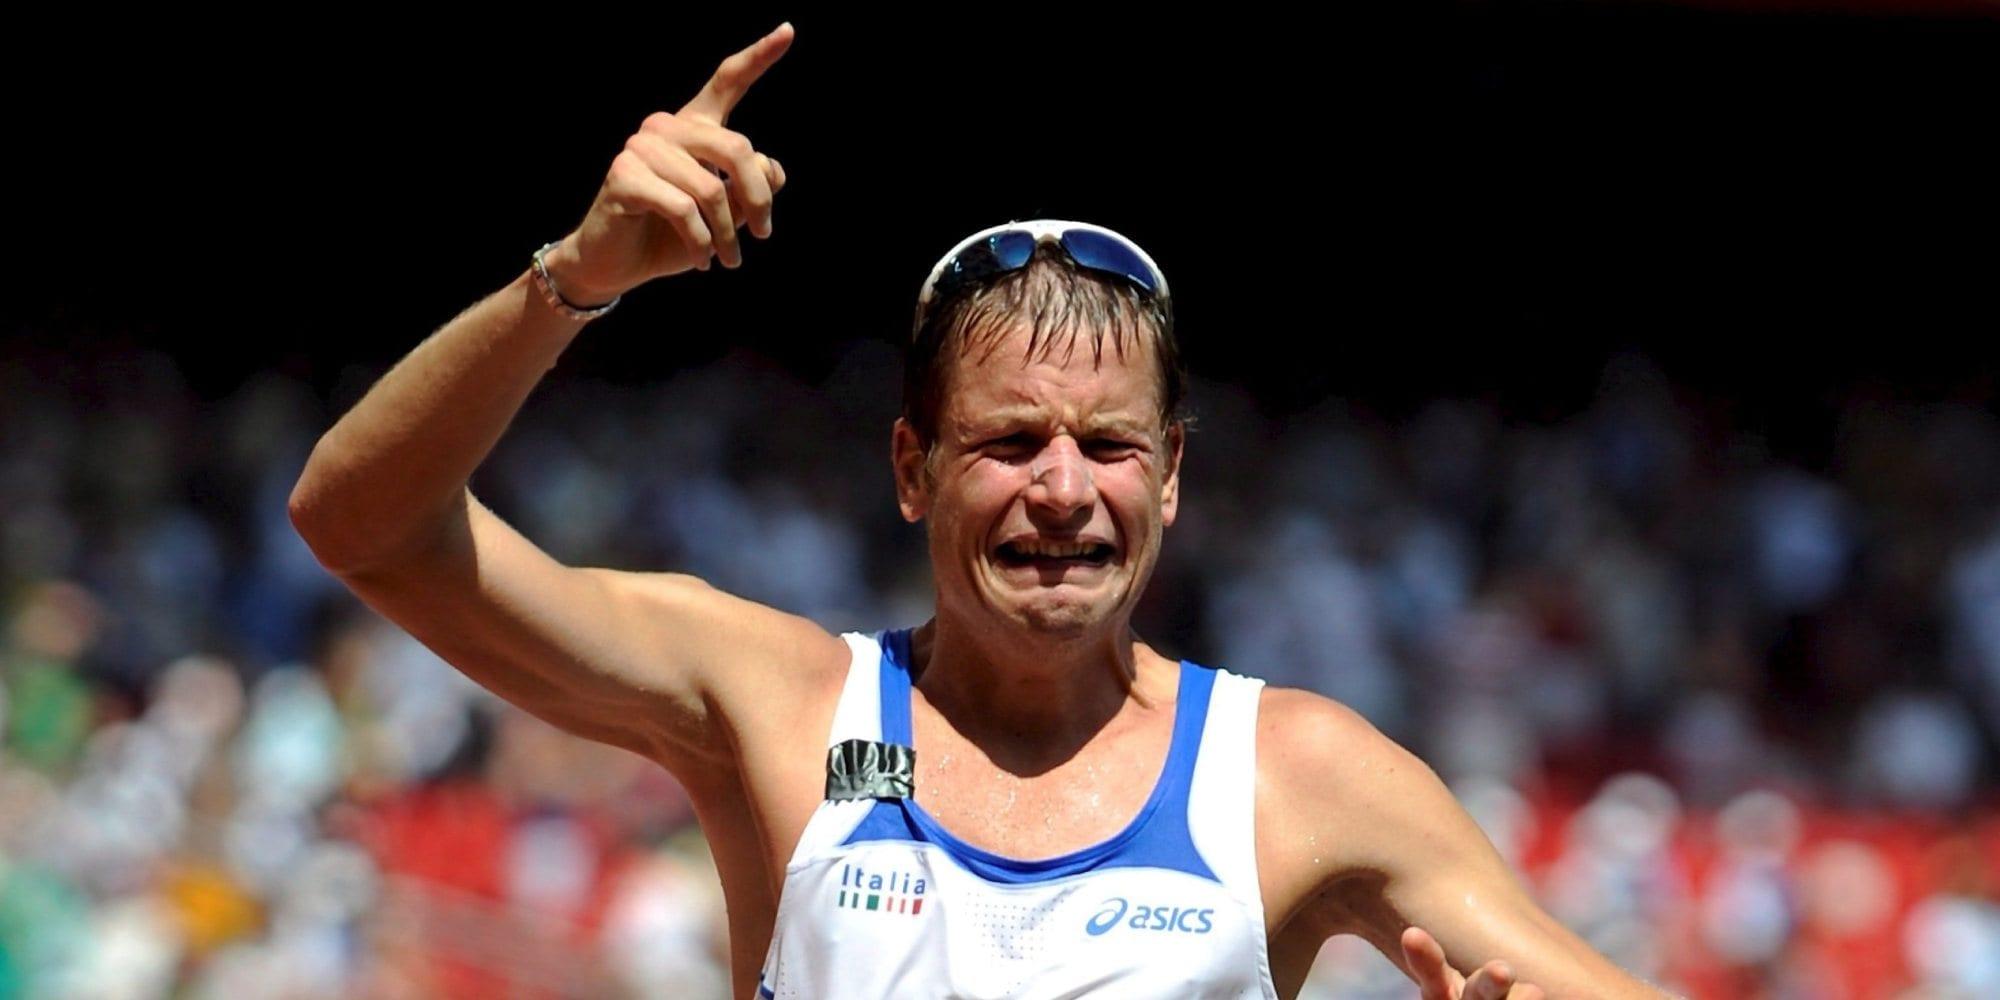 Mondiali marcia: Schwazer vince 50 km e vola a Rio / SPECIALE